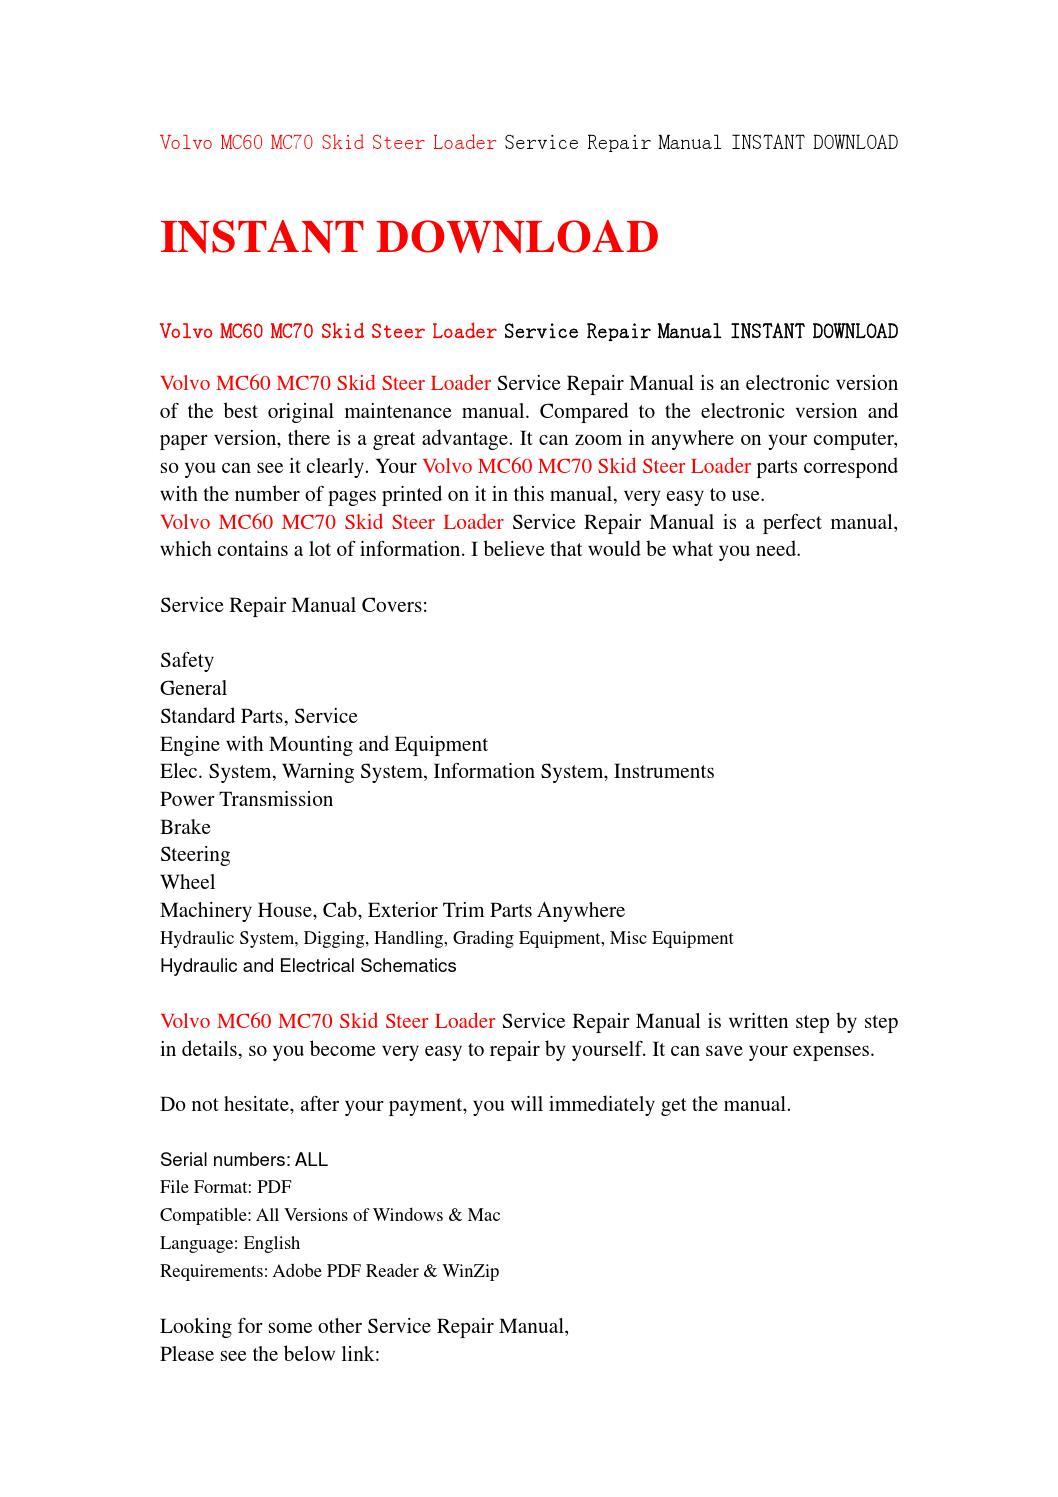 Volvo mc60 mc70 skid steer loader service repair manual instant